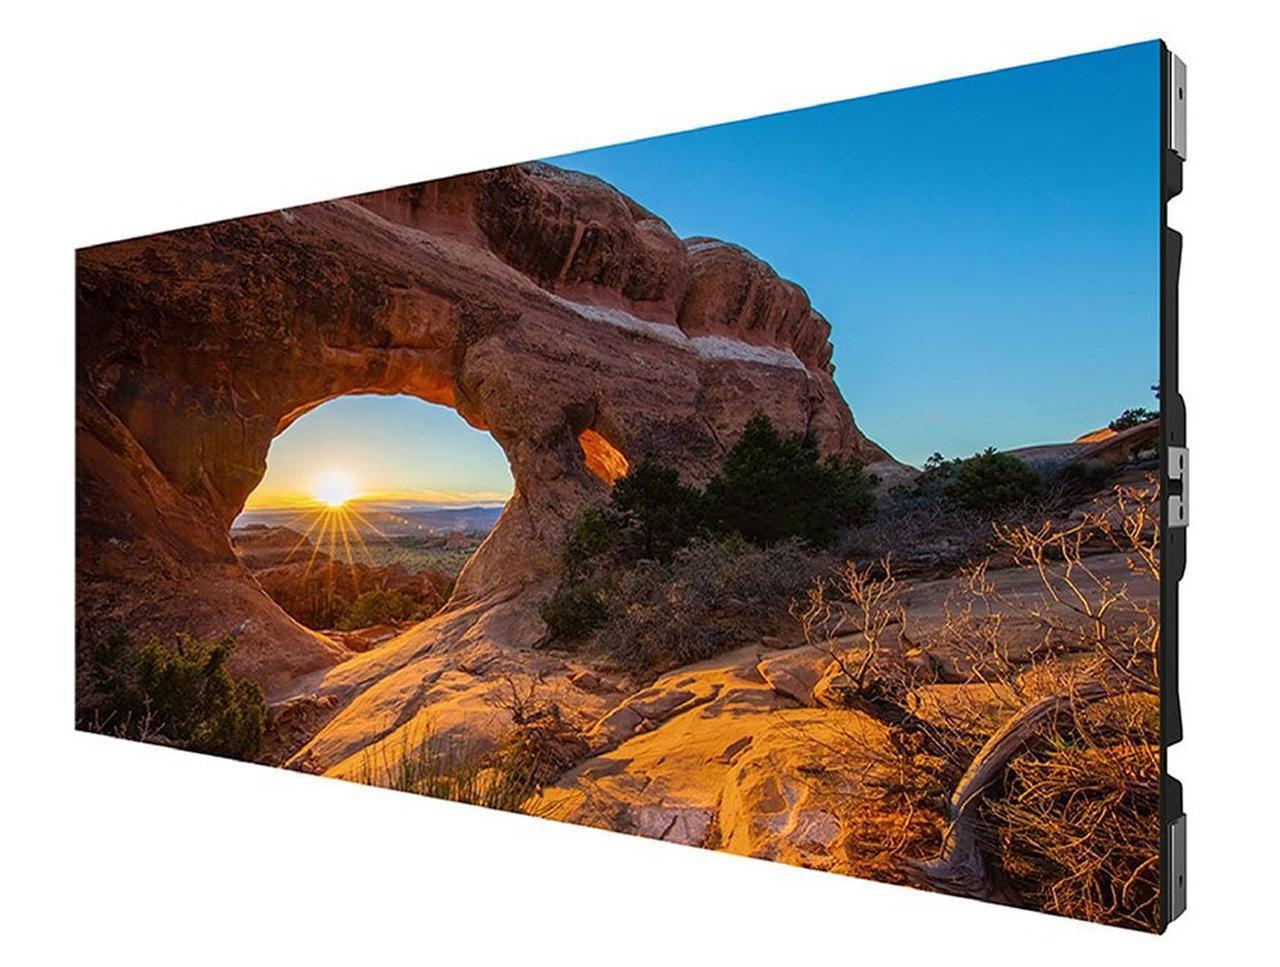 画像: 1800cd/m2の明るさを持つ「B」シリーズ。こちらはバーチャルプロダクション用途も意識している